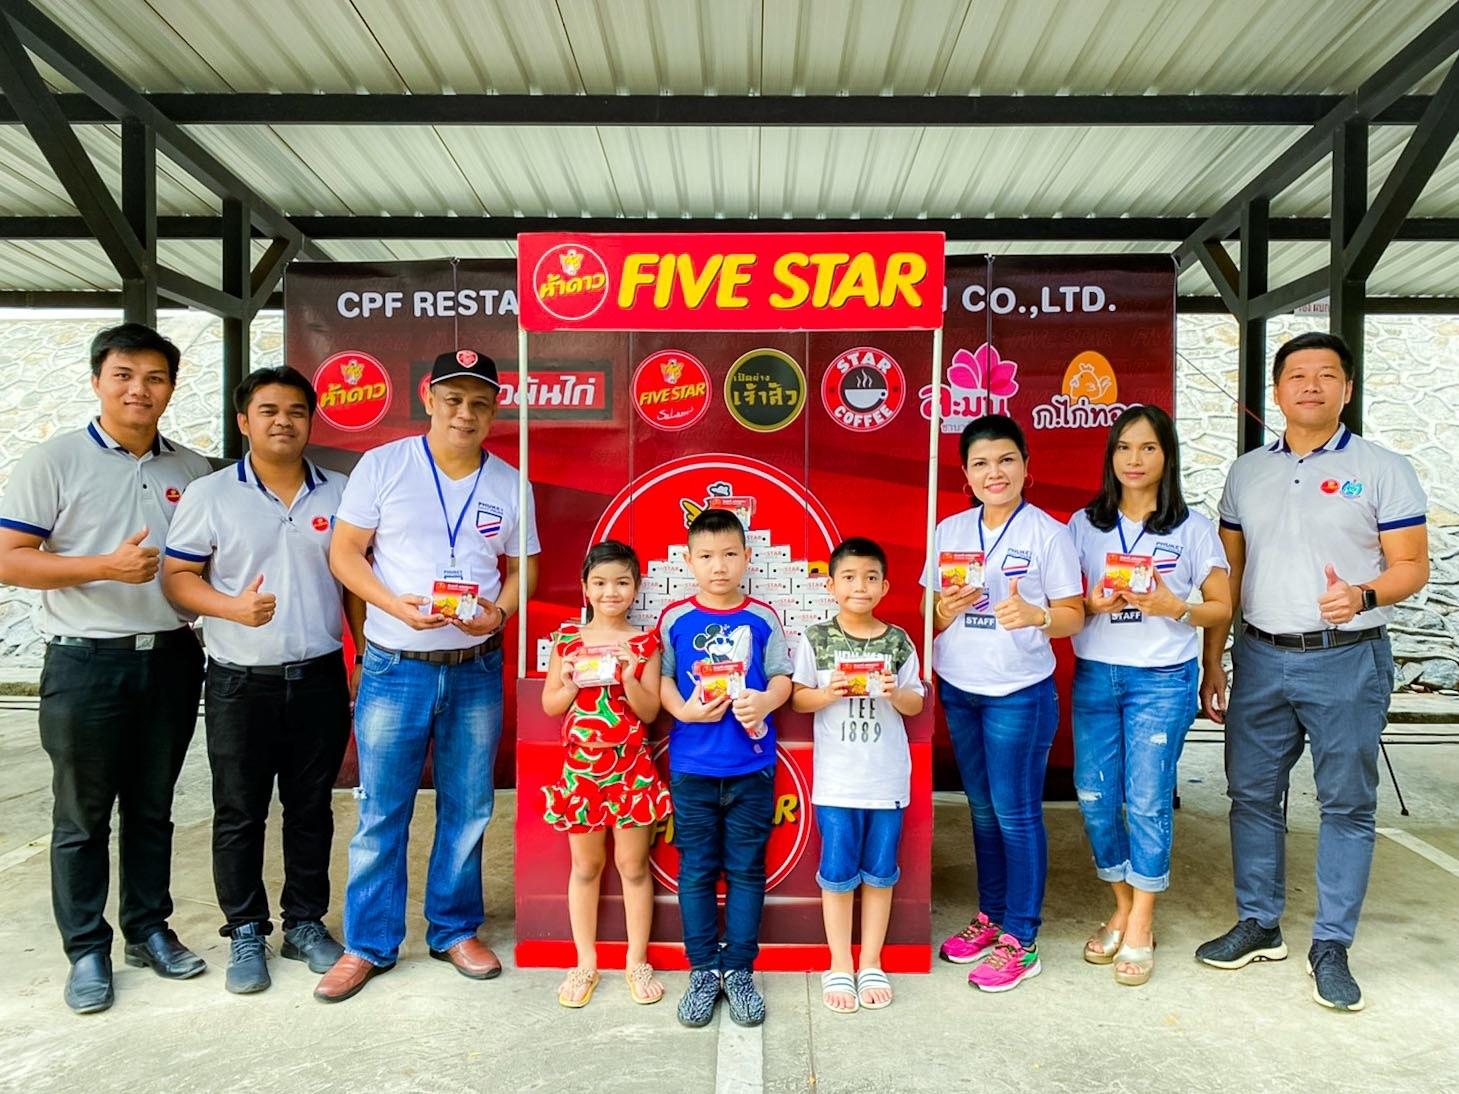 ธุรกิจห้าดาวทั่วไทย ร่วมมอบความสุขและความอิ่มอร่อย ในวันเด็กแห่งชาติ 2563